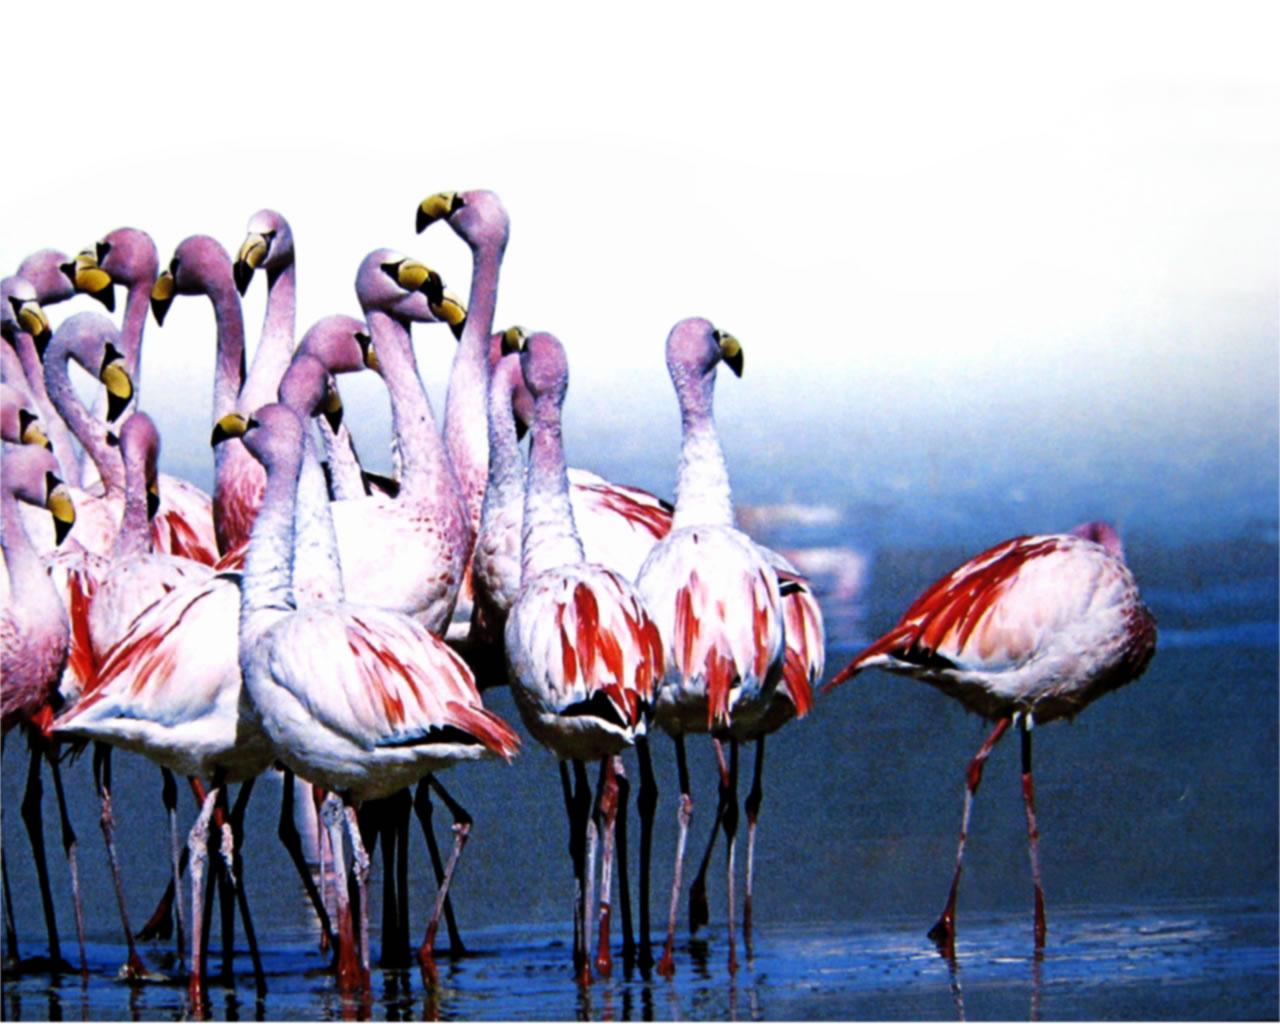 download wallpaper: flamingos baden pootje wallpaper